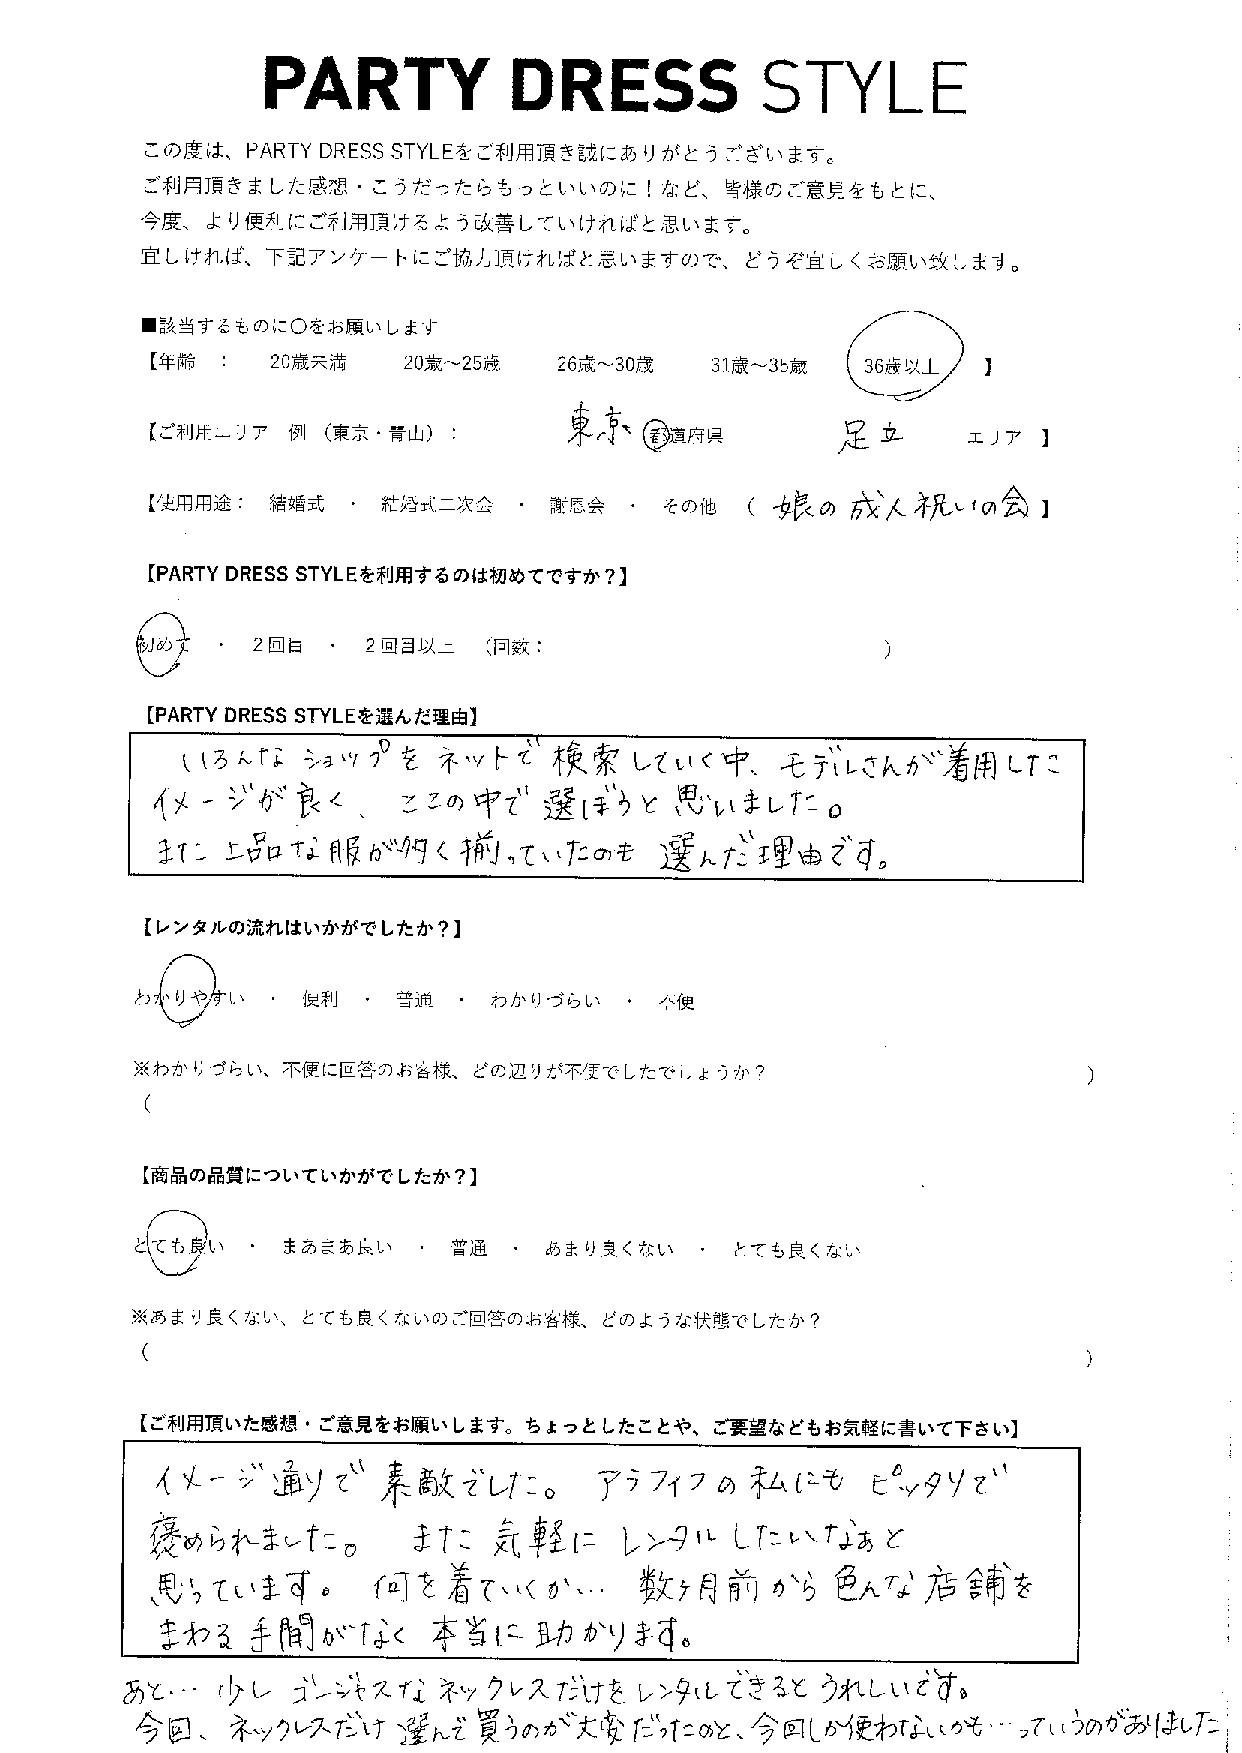 11/6お祝いパーティご利用 東京・足立エリア